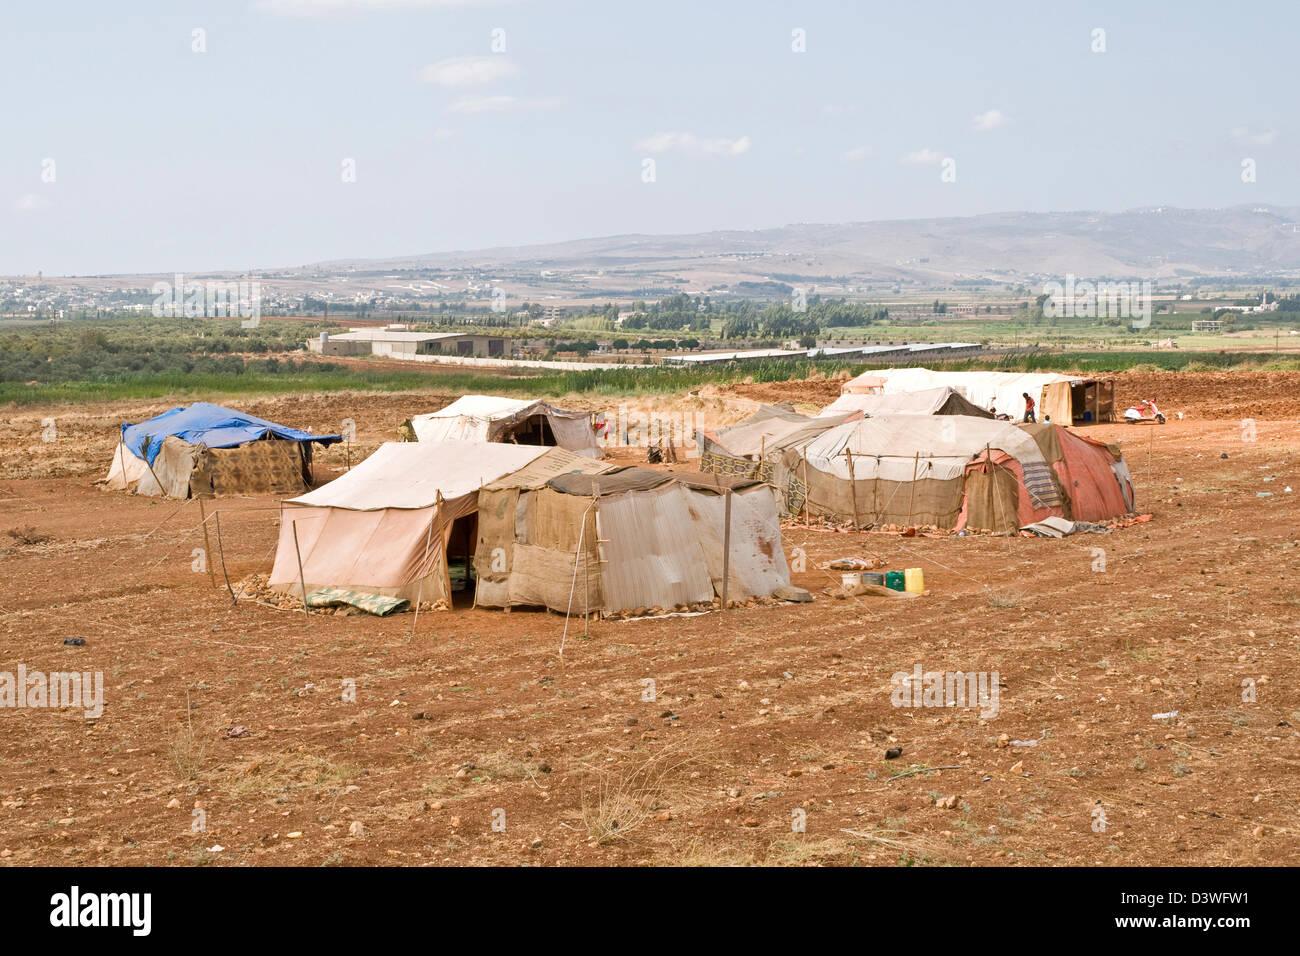 Una aldea de tiendas de refugiados sirios en el norte de la región libanesa de Wadi Khaled, justo al sur de Imagen De Stock